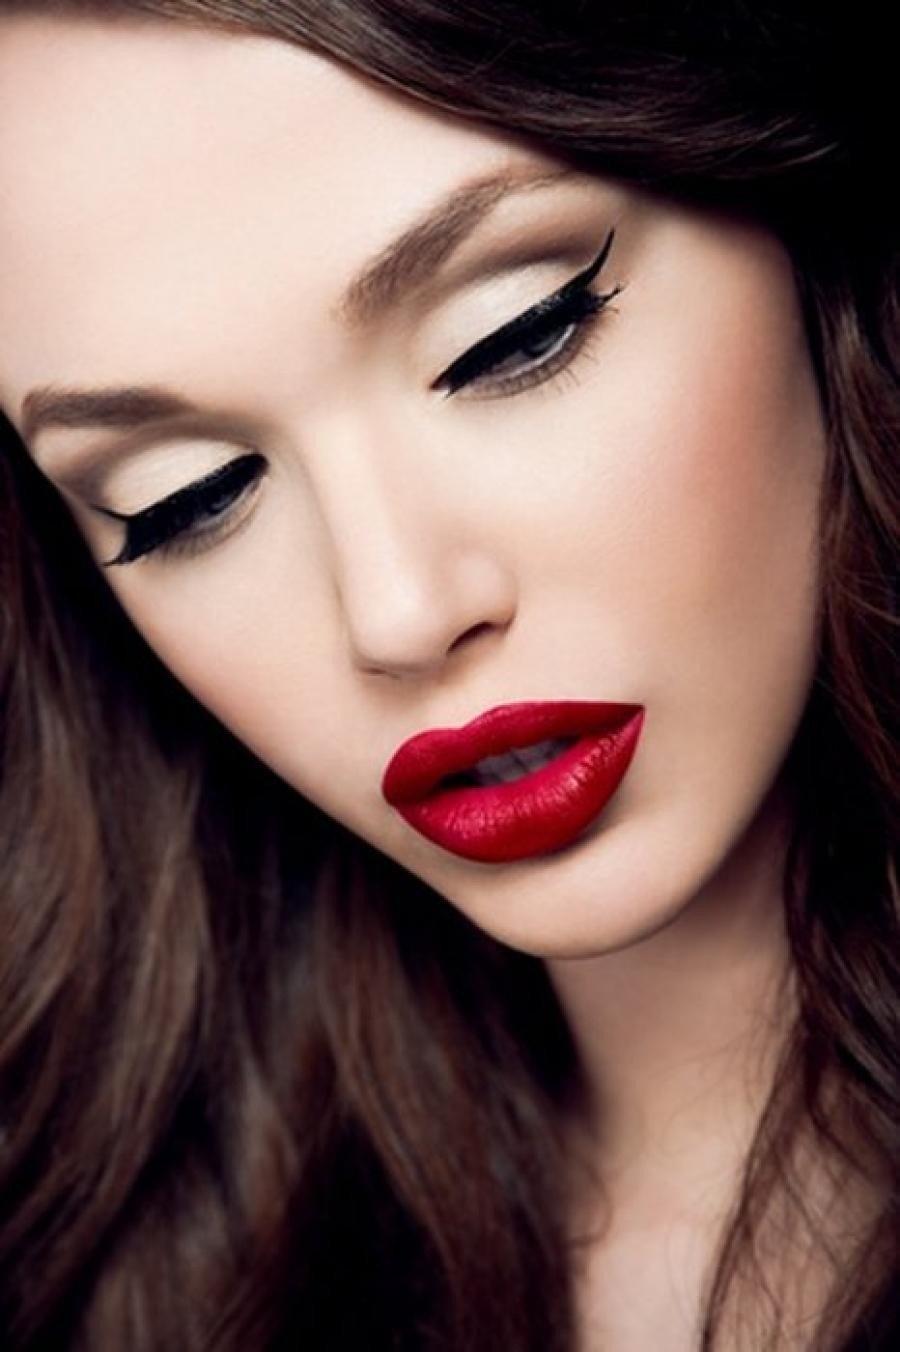 только фото макияжа с красными губами люди состоят отношениях